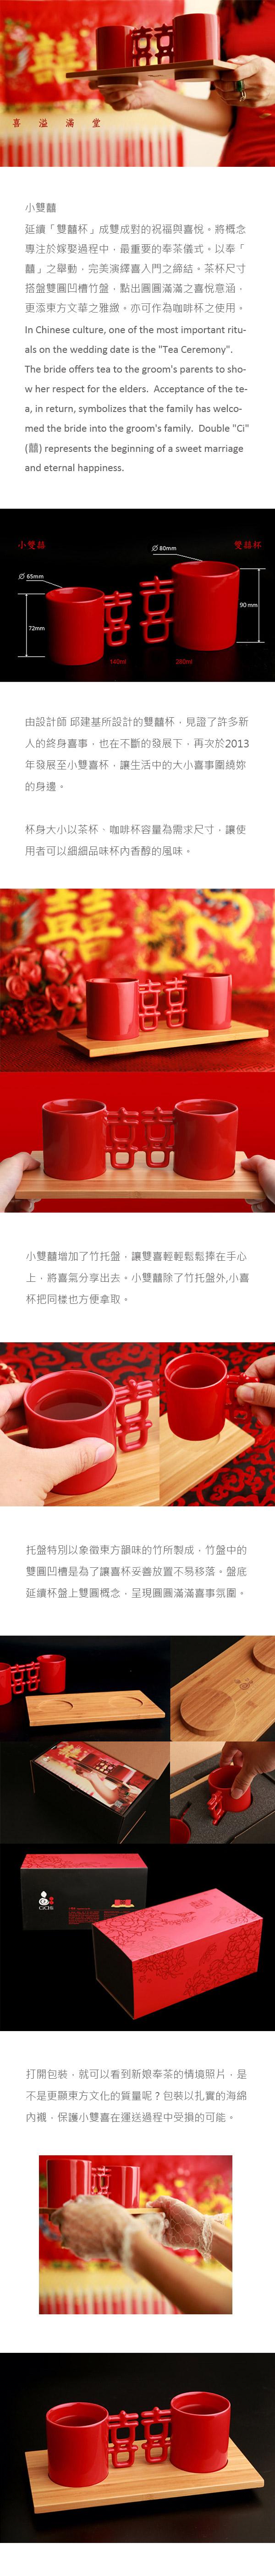 喜器 CiCHi 小雙囍 咖啡對杯